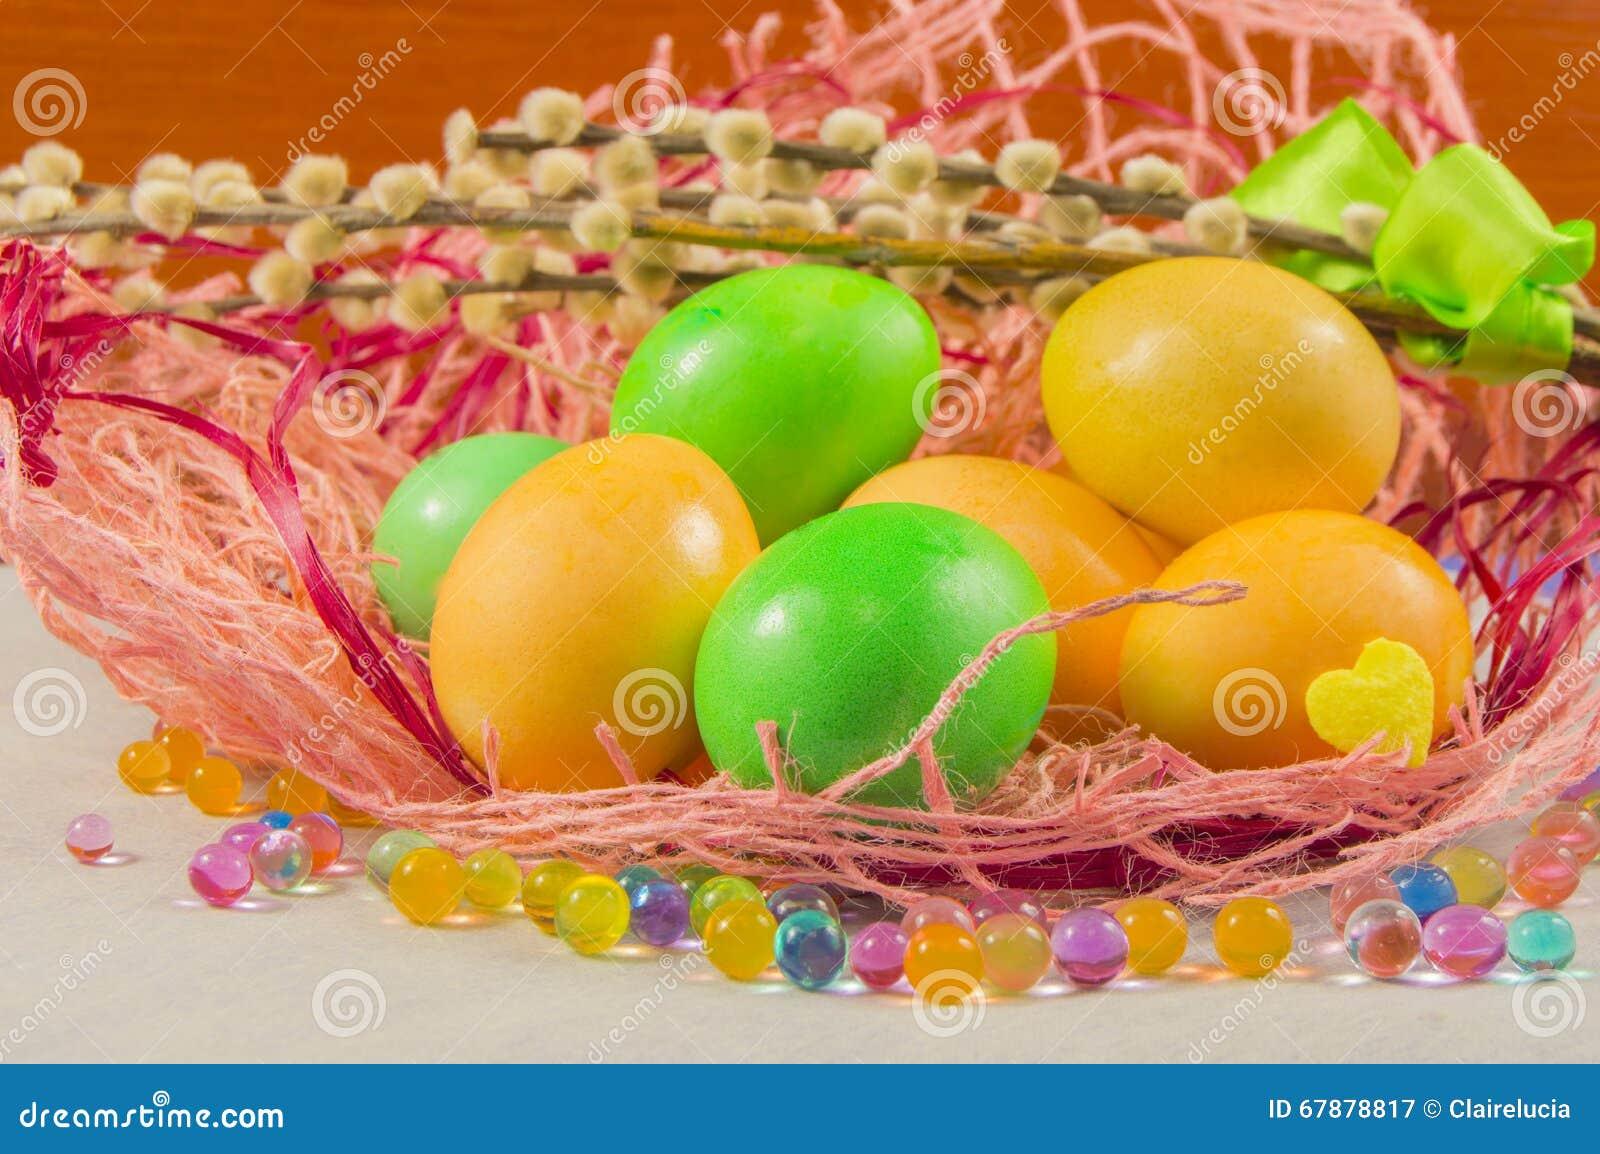 复活节巢用鸡蛋和褪色柳在桌上